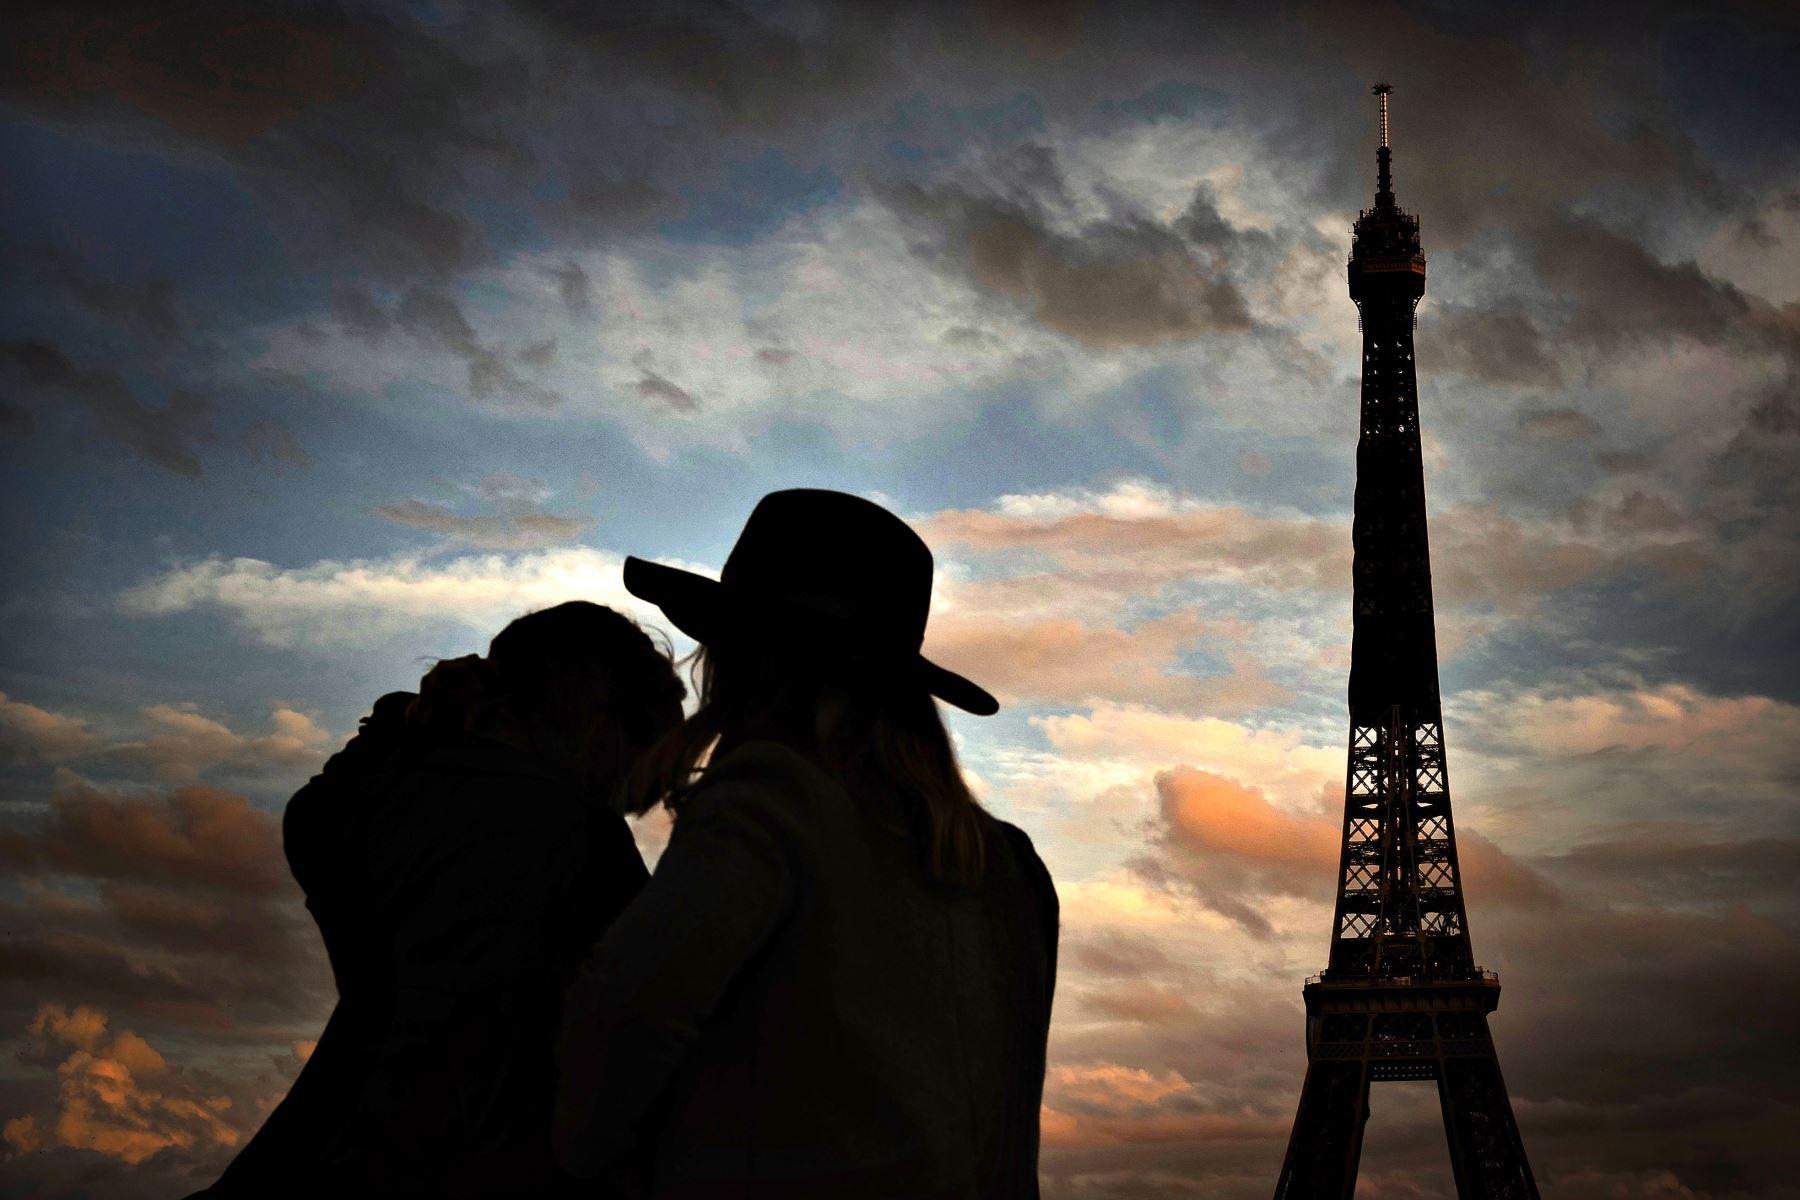 Dos personas frente a la Torre Eiffel en París, durante el toque de queda nocturno como medida contra la propagación de la pandemia Covid-19 causada por el nuevo coronavirus.  Foto: AFP